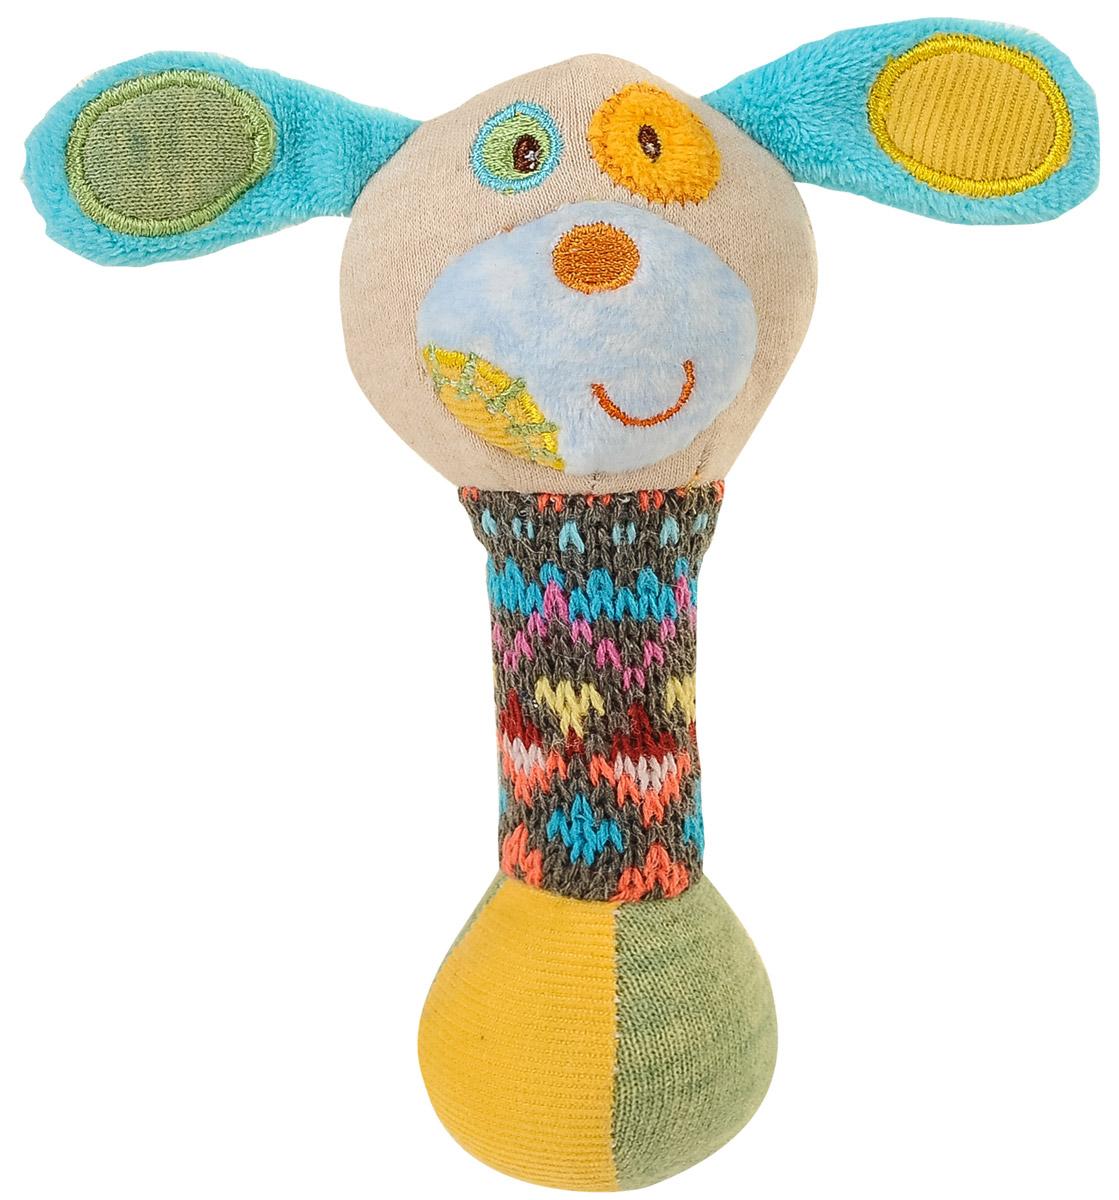 BabyOno Игрушка-пищалка Маленькая собачка1251Забавная игрушка-пищалка BabyOno Маленькая собачка поднимет малышу настроение и непременно вызовет улыбку! Игрушка выполнена из мягкого, приятного на ощупь материала различных фактур в виде головы собачки и длинной округлой удобной ножки-держателя. Внутри ножки находится пищалка. Стоит малышу потрясти игрушку, как он услышит забавный звук. Игрушка очень удобна для маленьких детских ручек. Малыш сможет ее держать, трясти, перекладывать из одной ручки в другую. Игрушка-пищалка способствует развитию мышления, координации движений, звукового и цветового восприятия, тактильных ощущений, совершенствует моторику нежных пальчиков малыша. Товар сертифицирован.